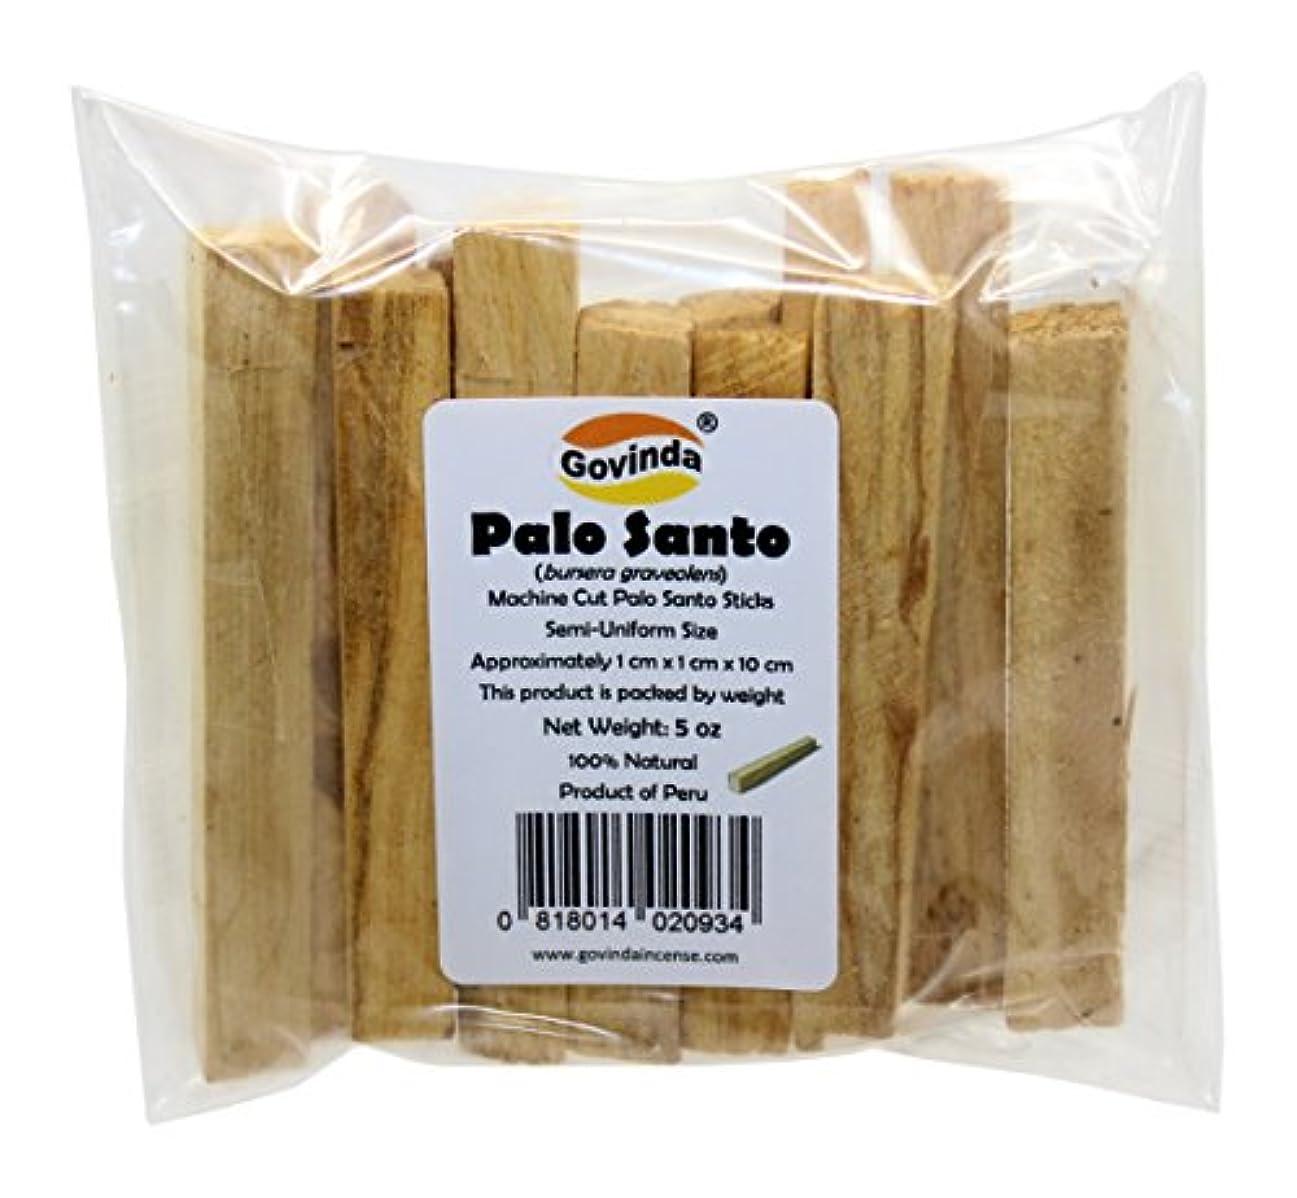 バタフライ乱暴な妨げるGovindaプレミアムPalo Santo Holy Wood Incense Sticks 5オンスパックfor purifying、クレンジング、ヒーリング、瞑想、Stress Relief。100 %天然